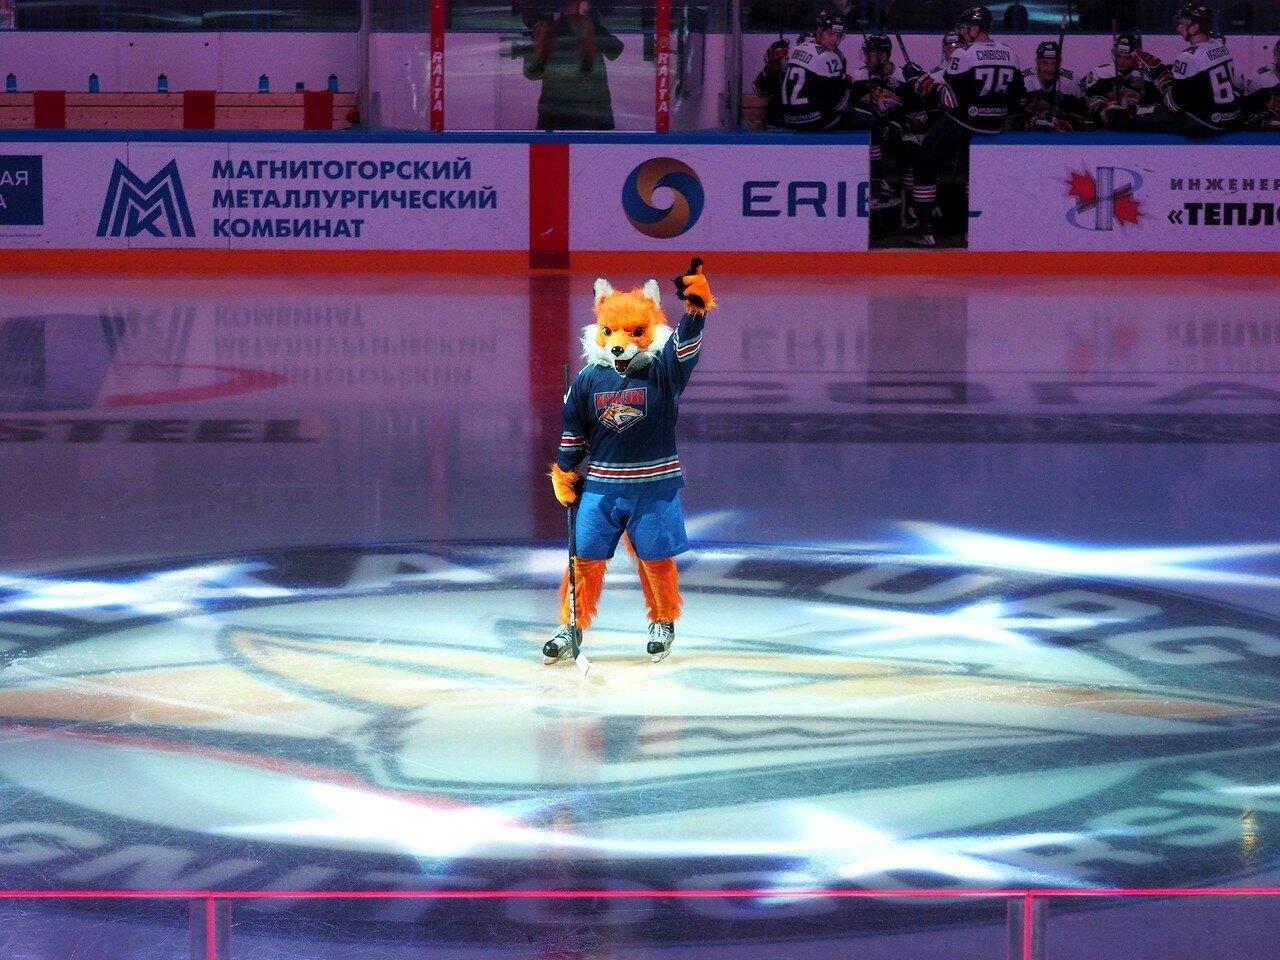 46 Металлург - Спартак 30.11.2017